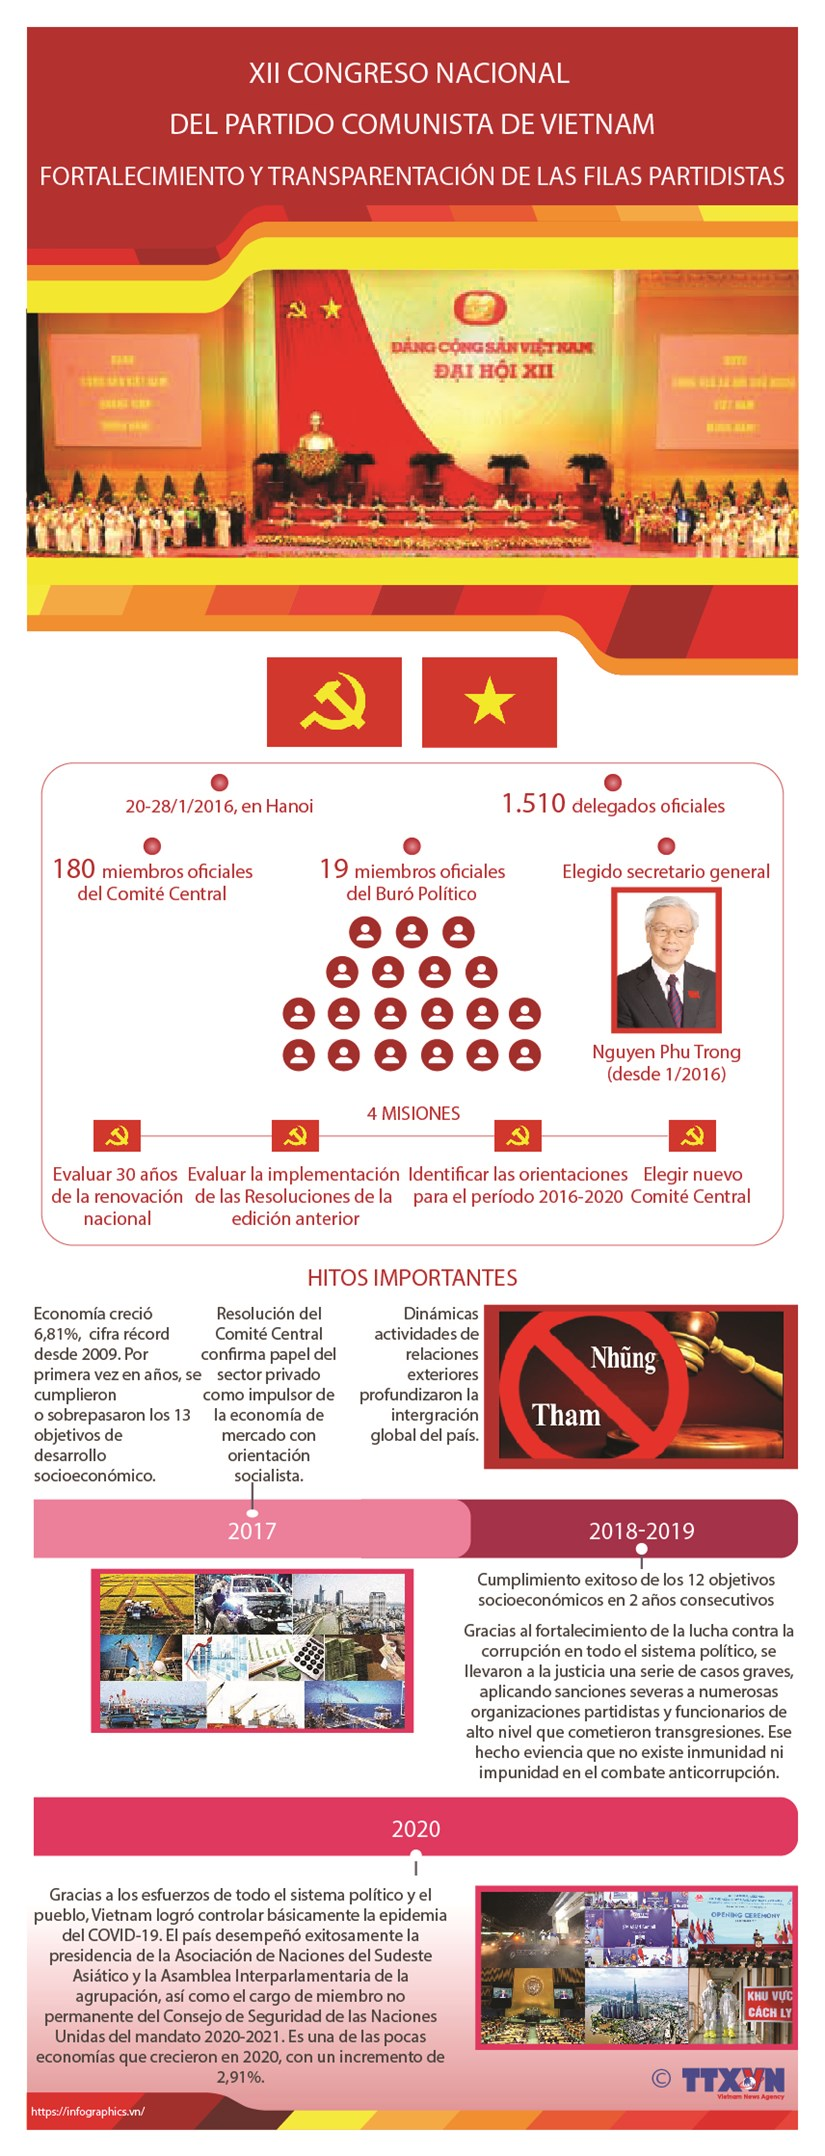 XII Congreso Nacional del Partido: Fortalecimiento y transparentacion de filas partidistas hinh anh 1